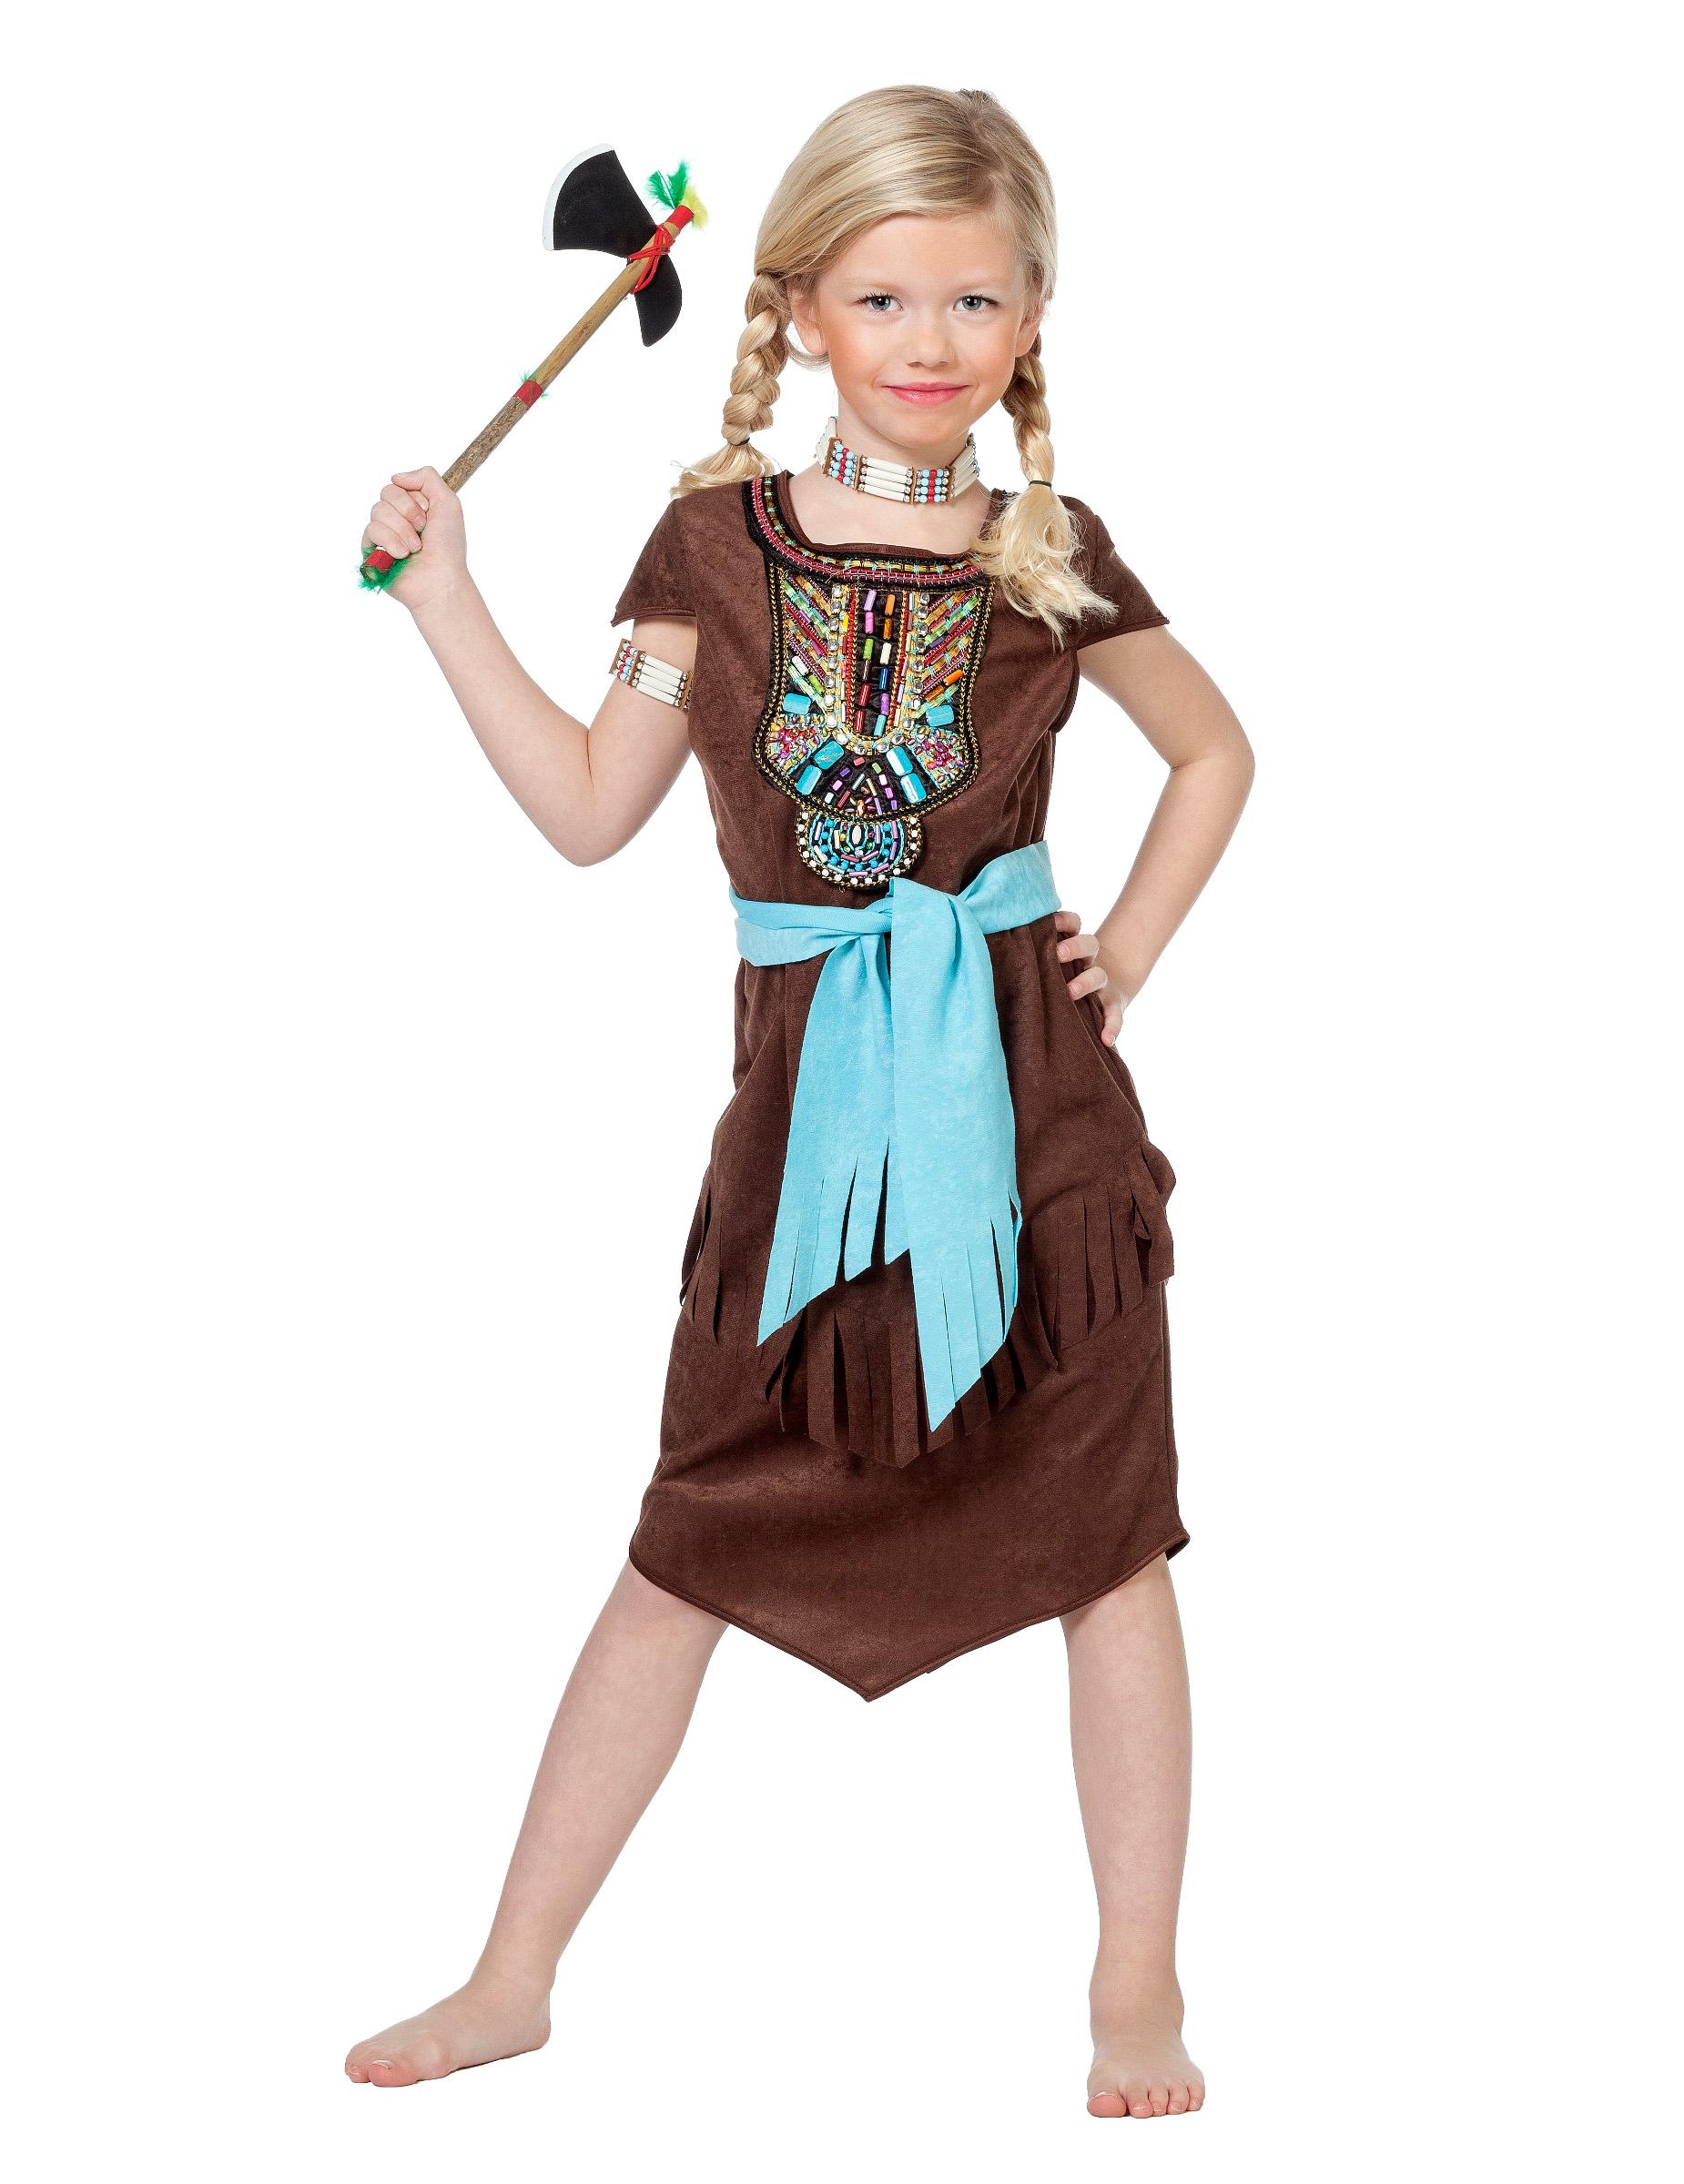 Disfraz indio peto de colores niña: Disfraces niños,y disfraces originales baratos - Vegaoo